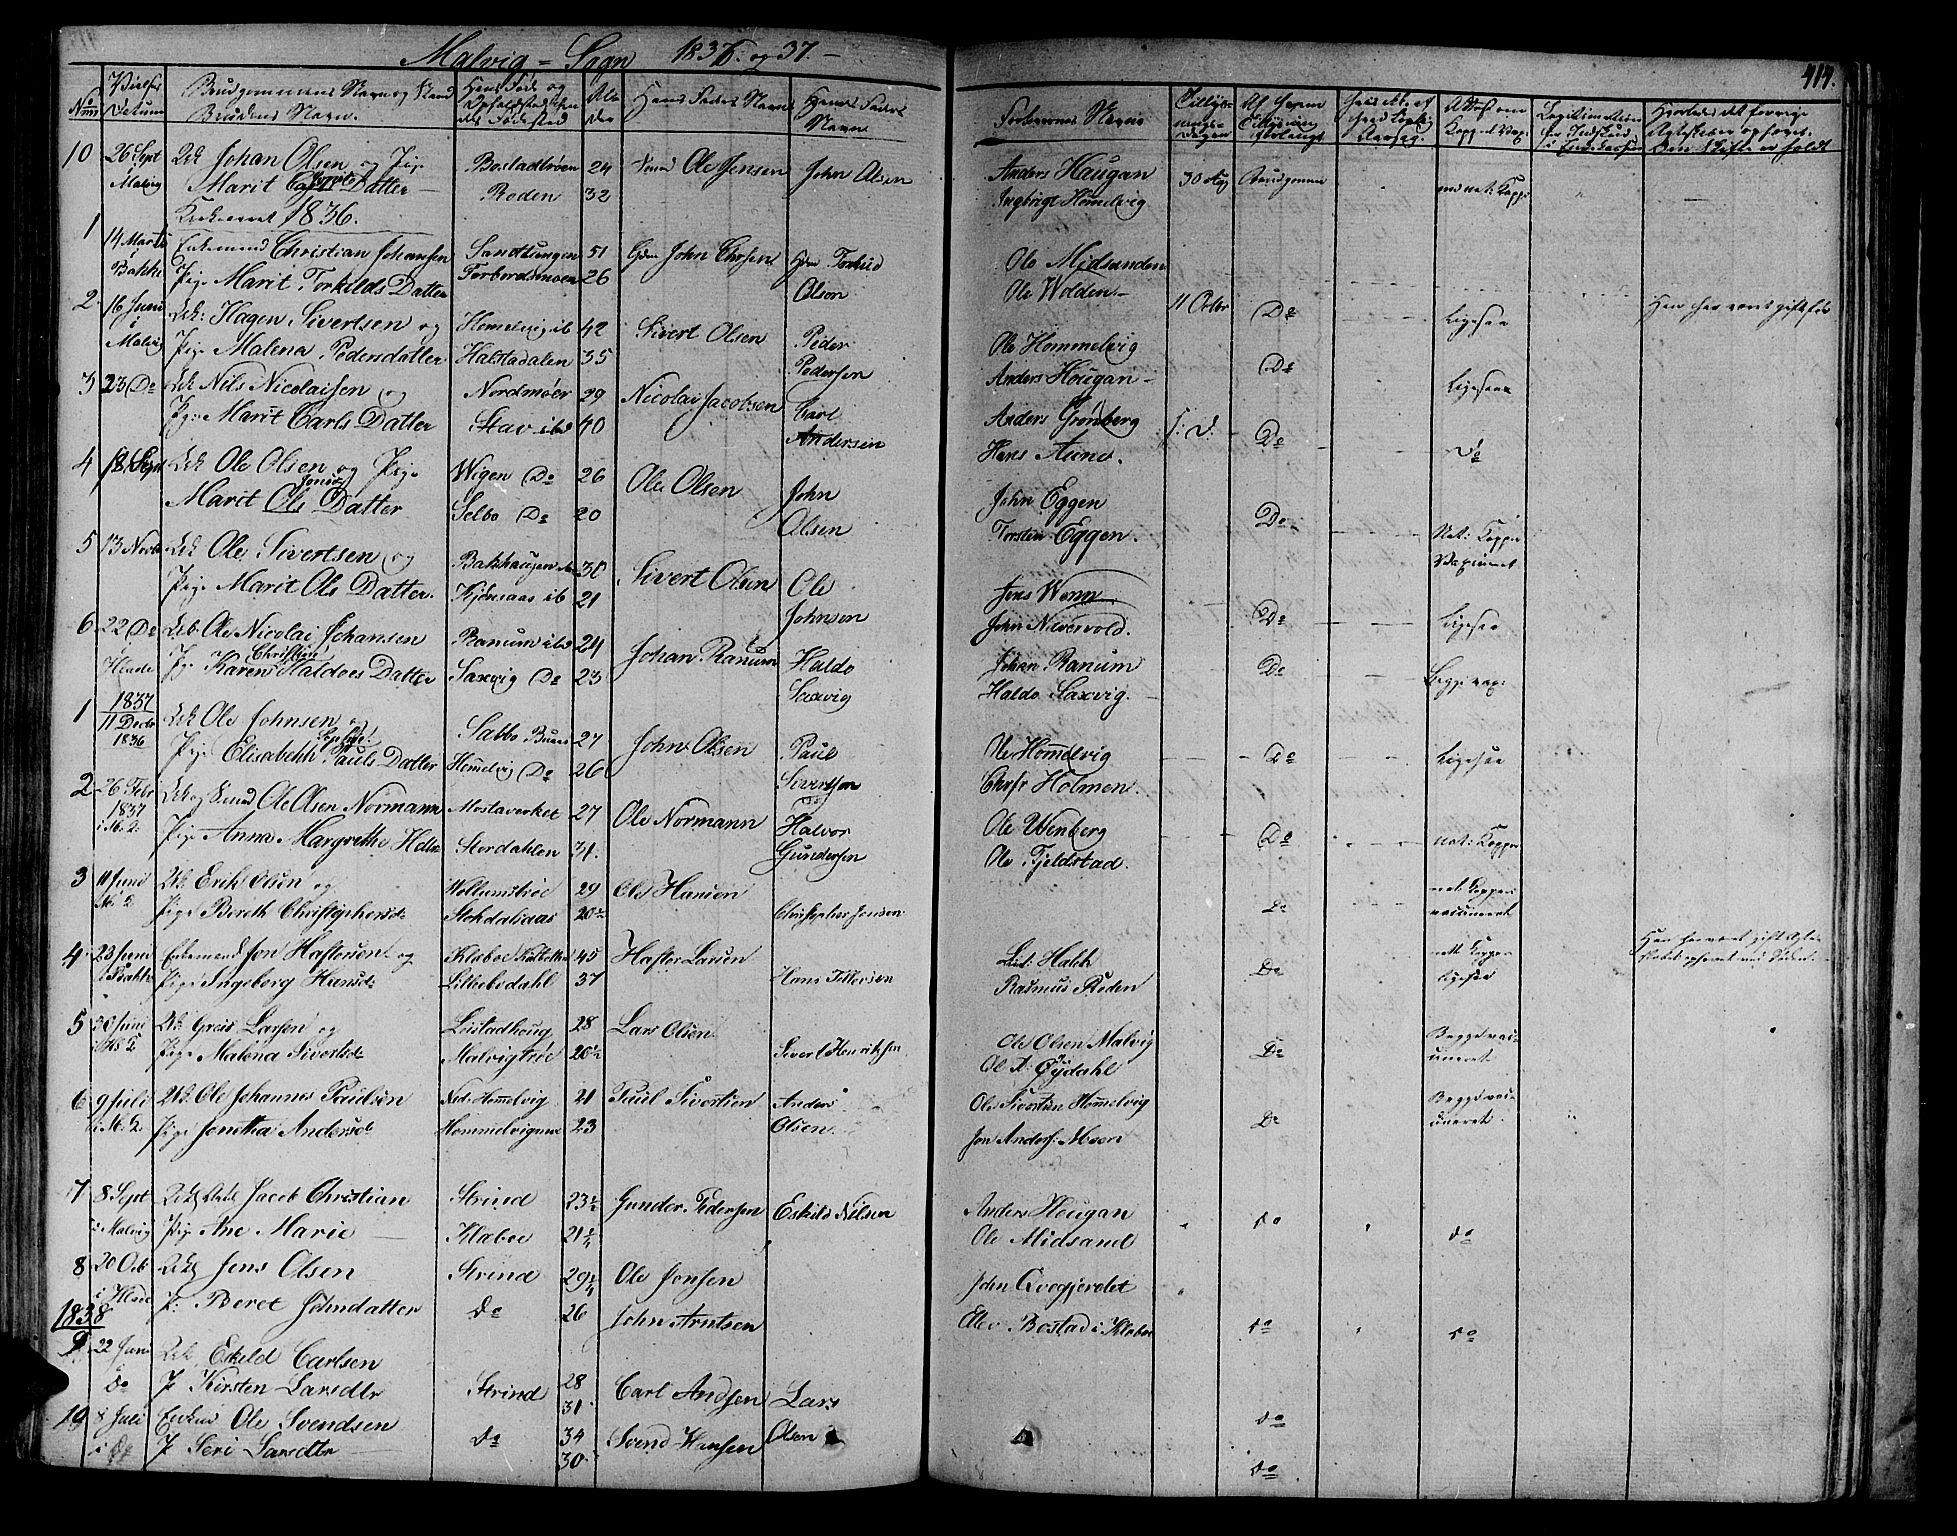 SAT, Ministerialprotokoller, klokkerbøker og fødselsregistre - Sør-Trøndelag, 606/L0288: Ministerialbok nr. 606A04 /3, 1826-1840, s. 414